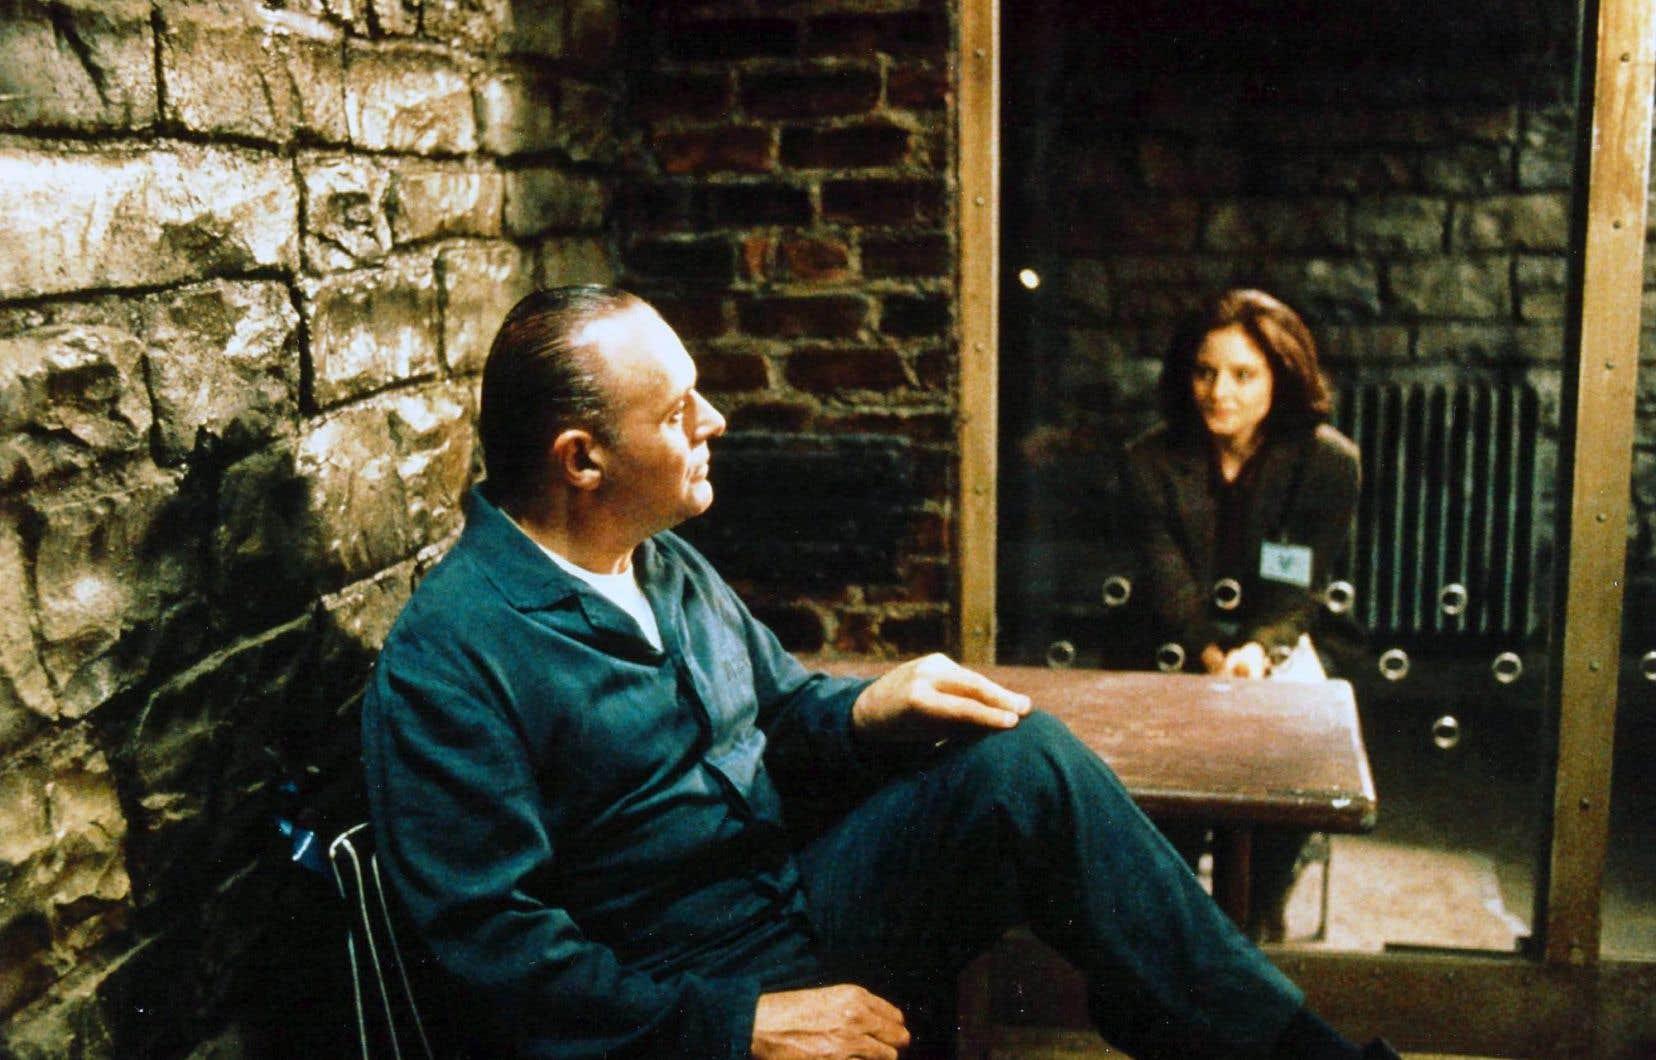 Anthony Hopkins campait Hannibal Lecter dans Le silence des agneaux, l'un des tueurs en série (et de plus, cannibale!) marquants du cinéma.